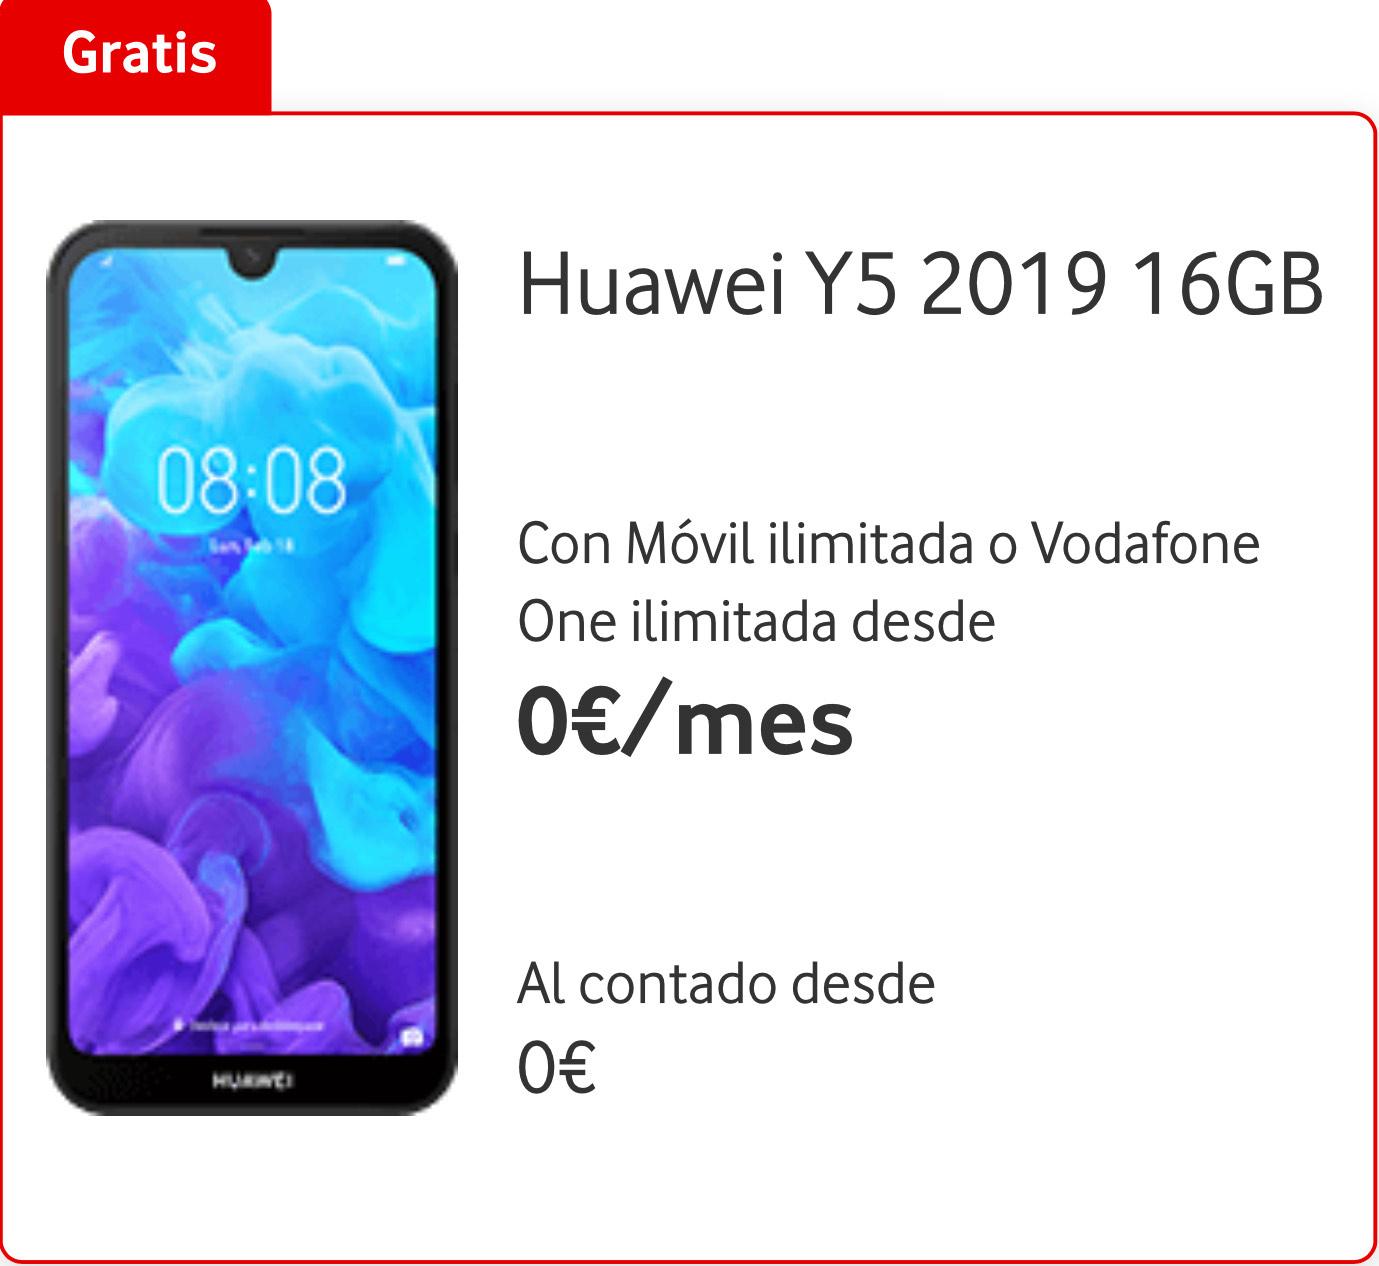 Huawei Y5 2019 16GB Con Móvil ilimitada o Vodafone One ilimitada